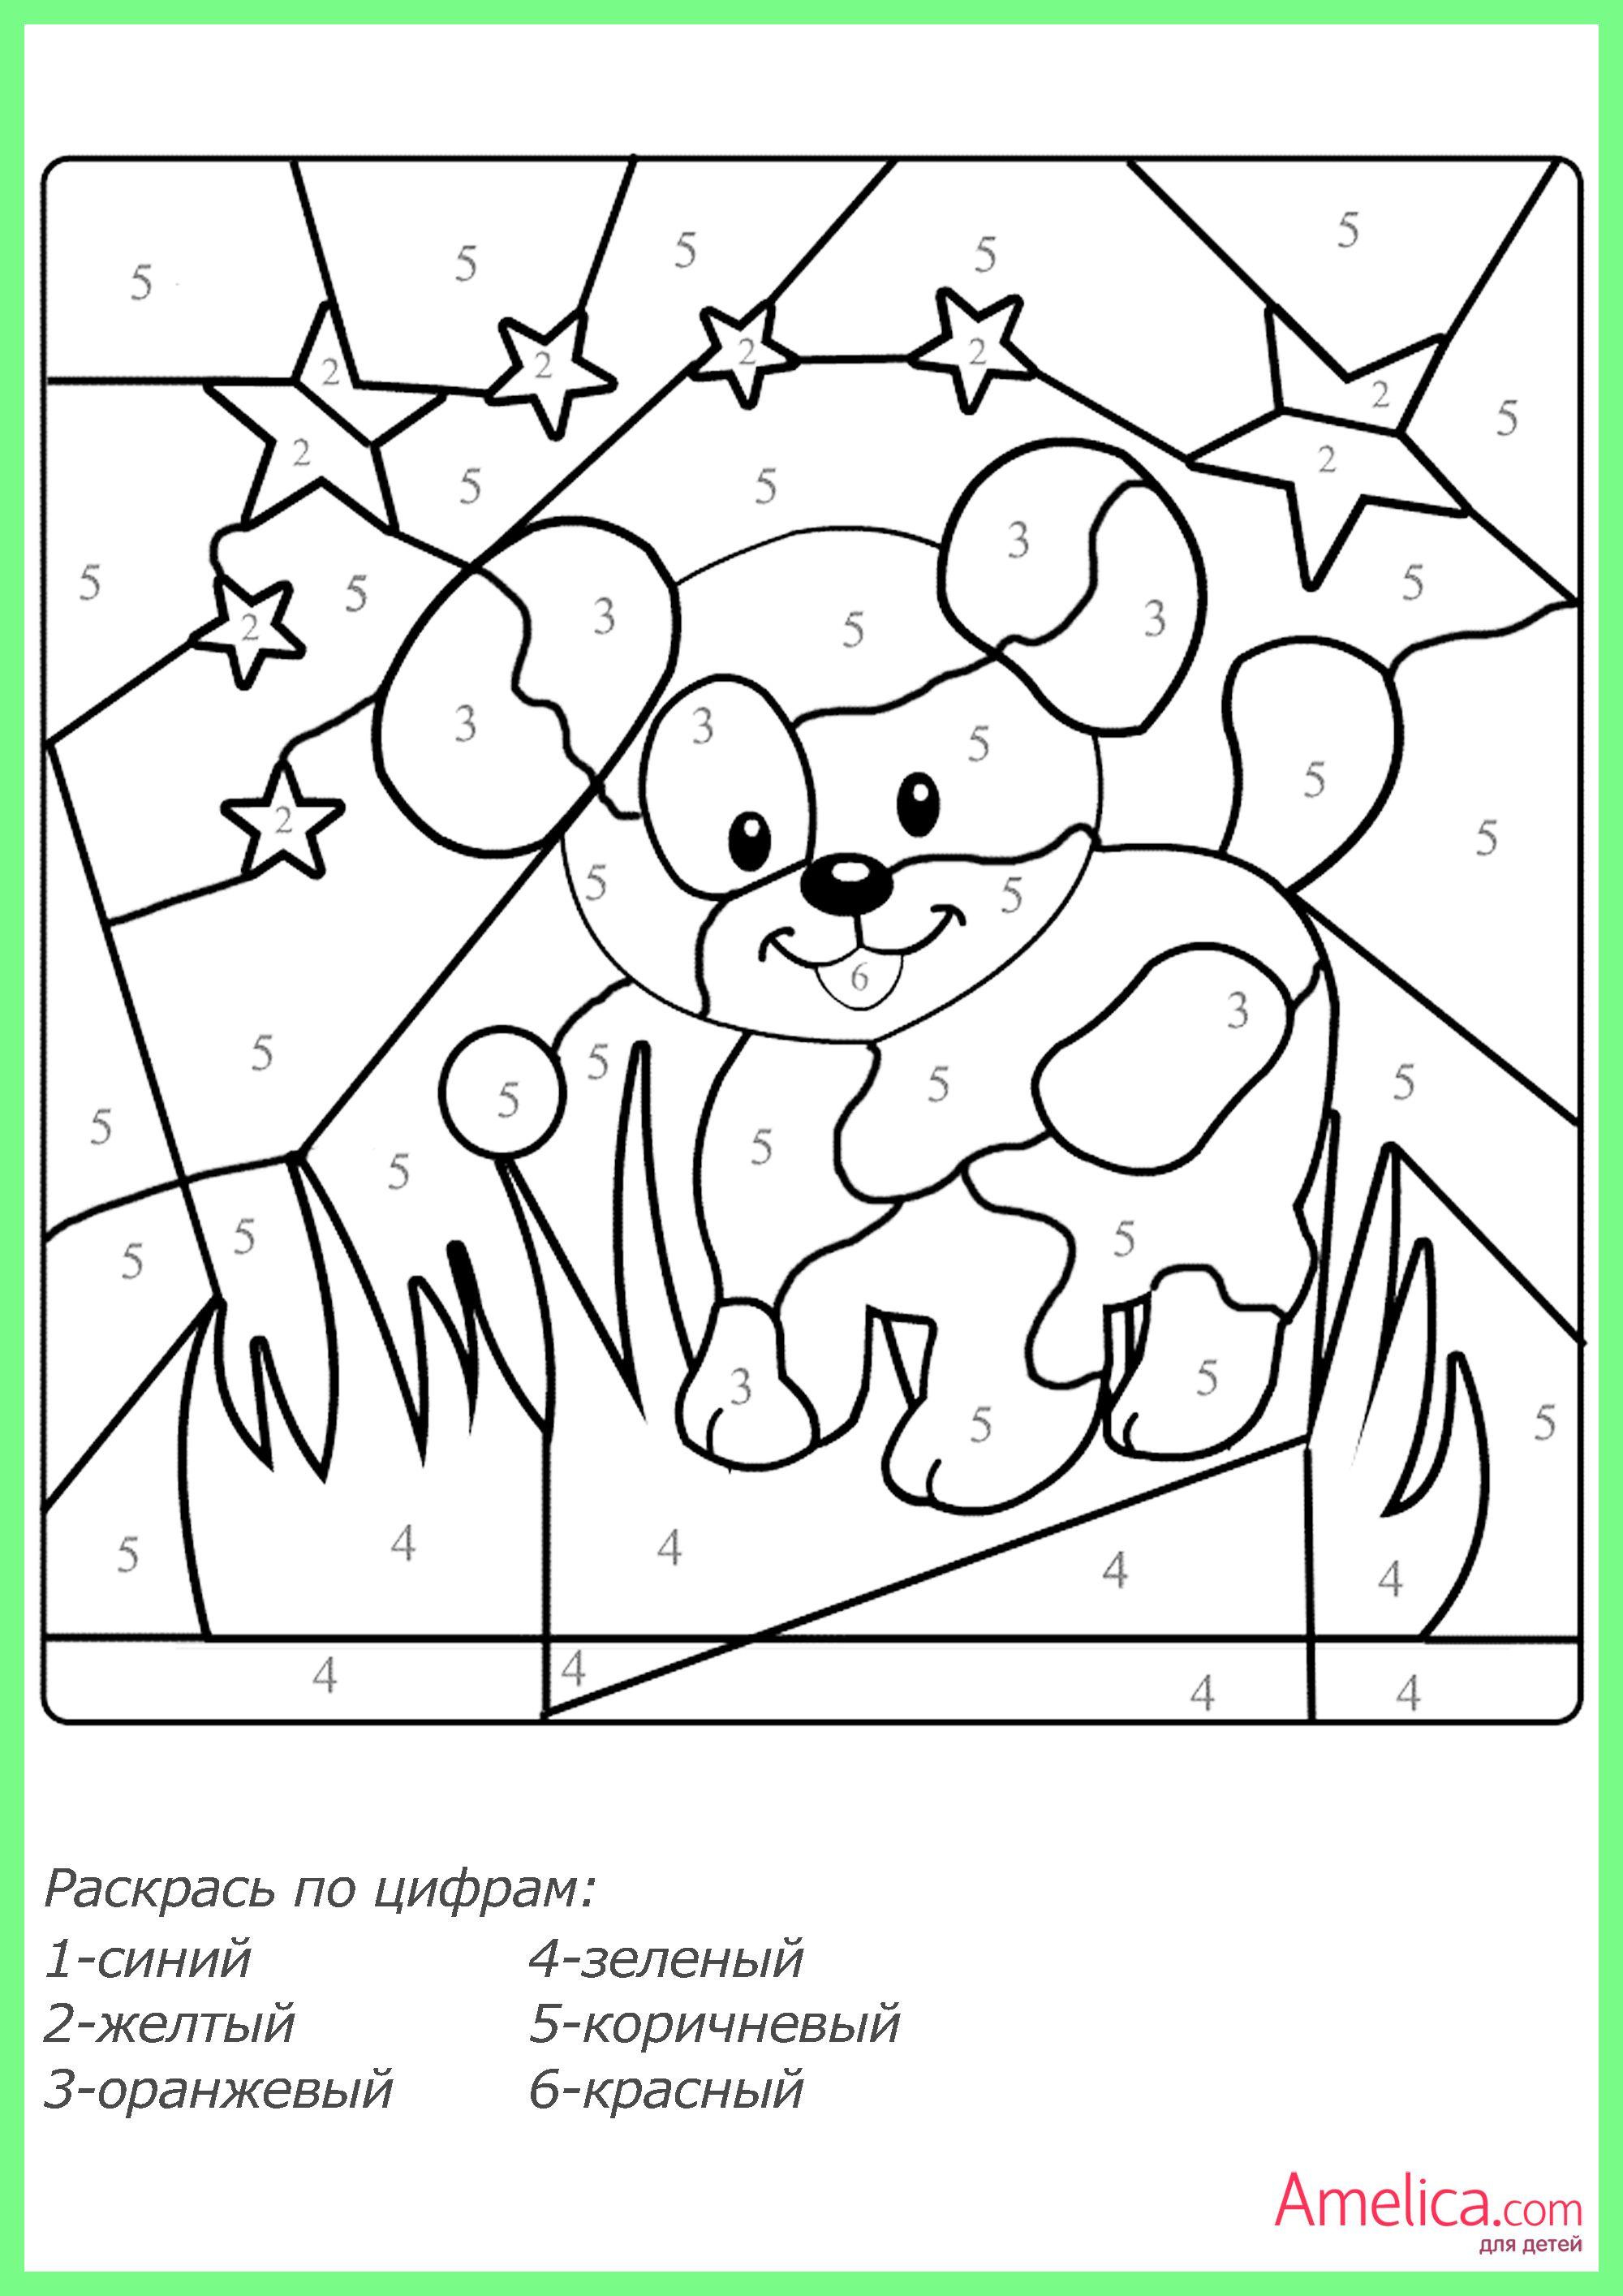 раскраски по цифрам для детей рисунки по цифрам раскраска по цифрам раскраски детские раскраски